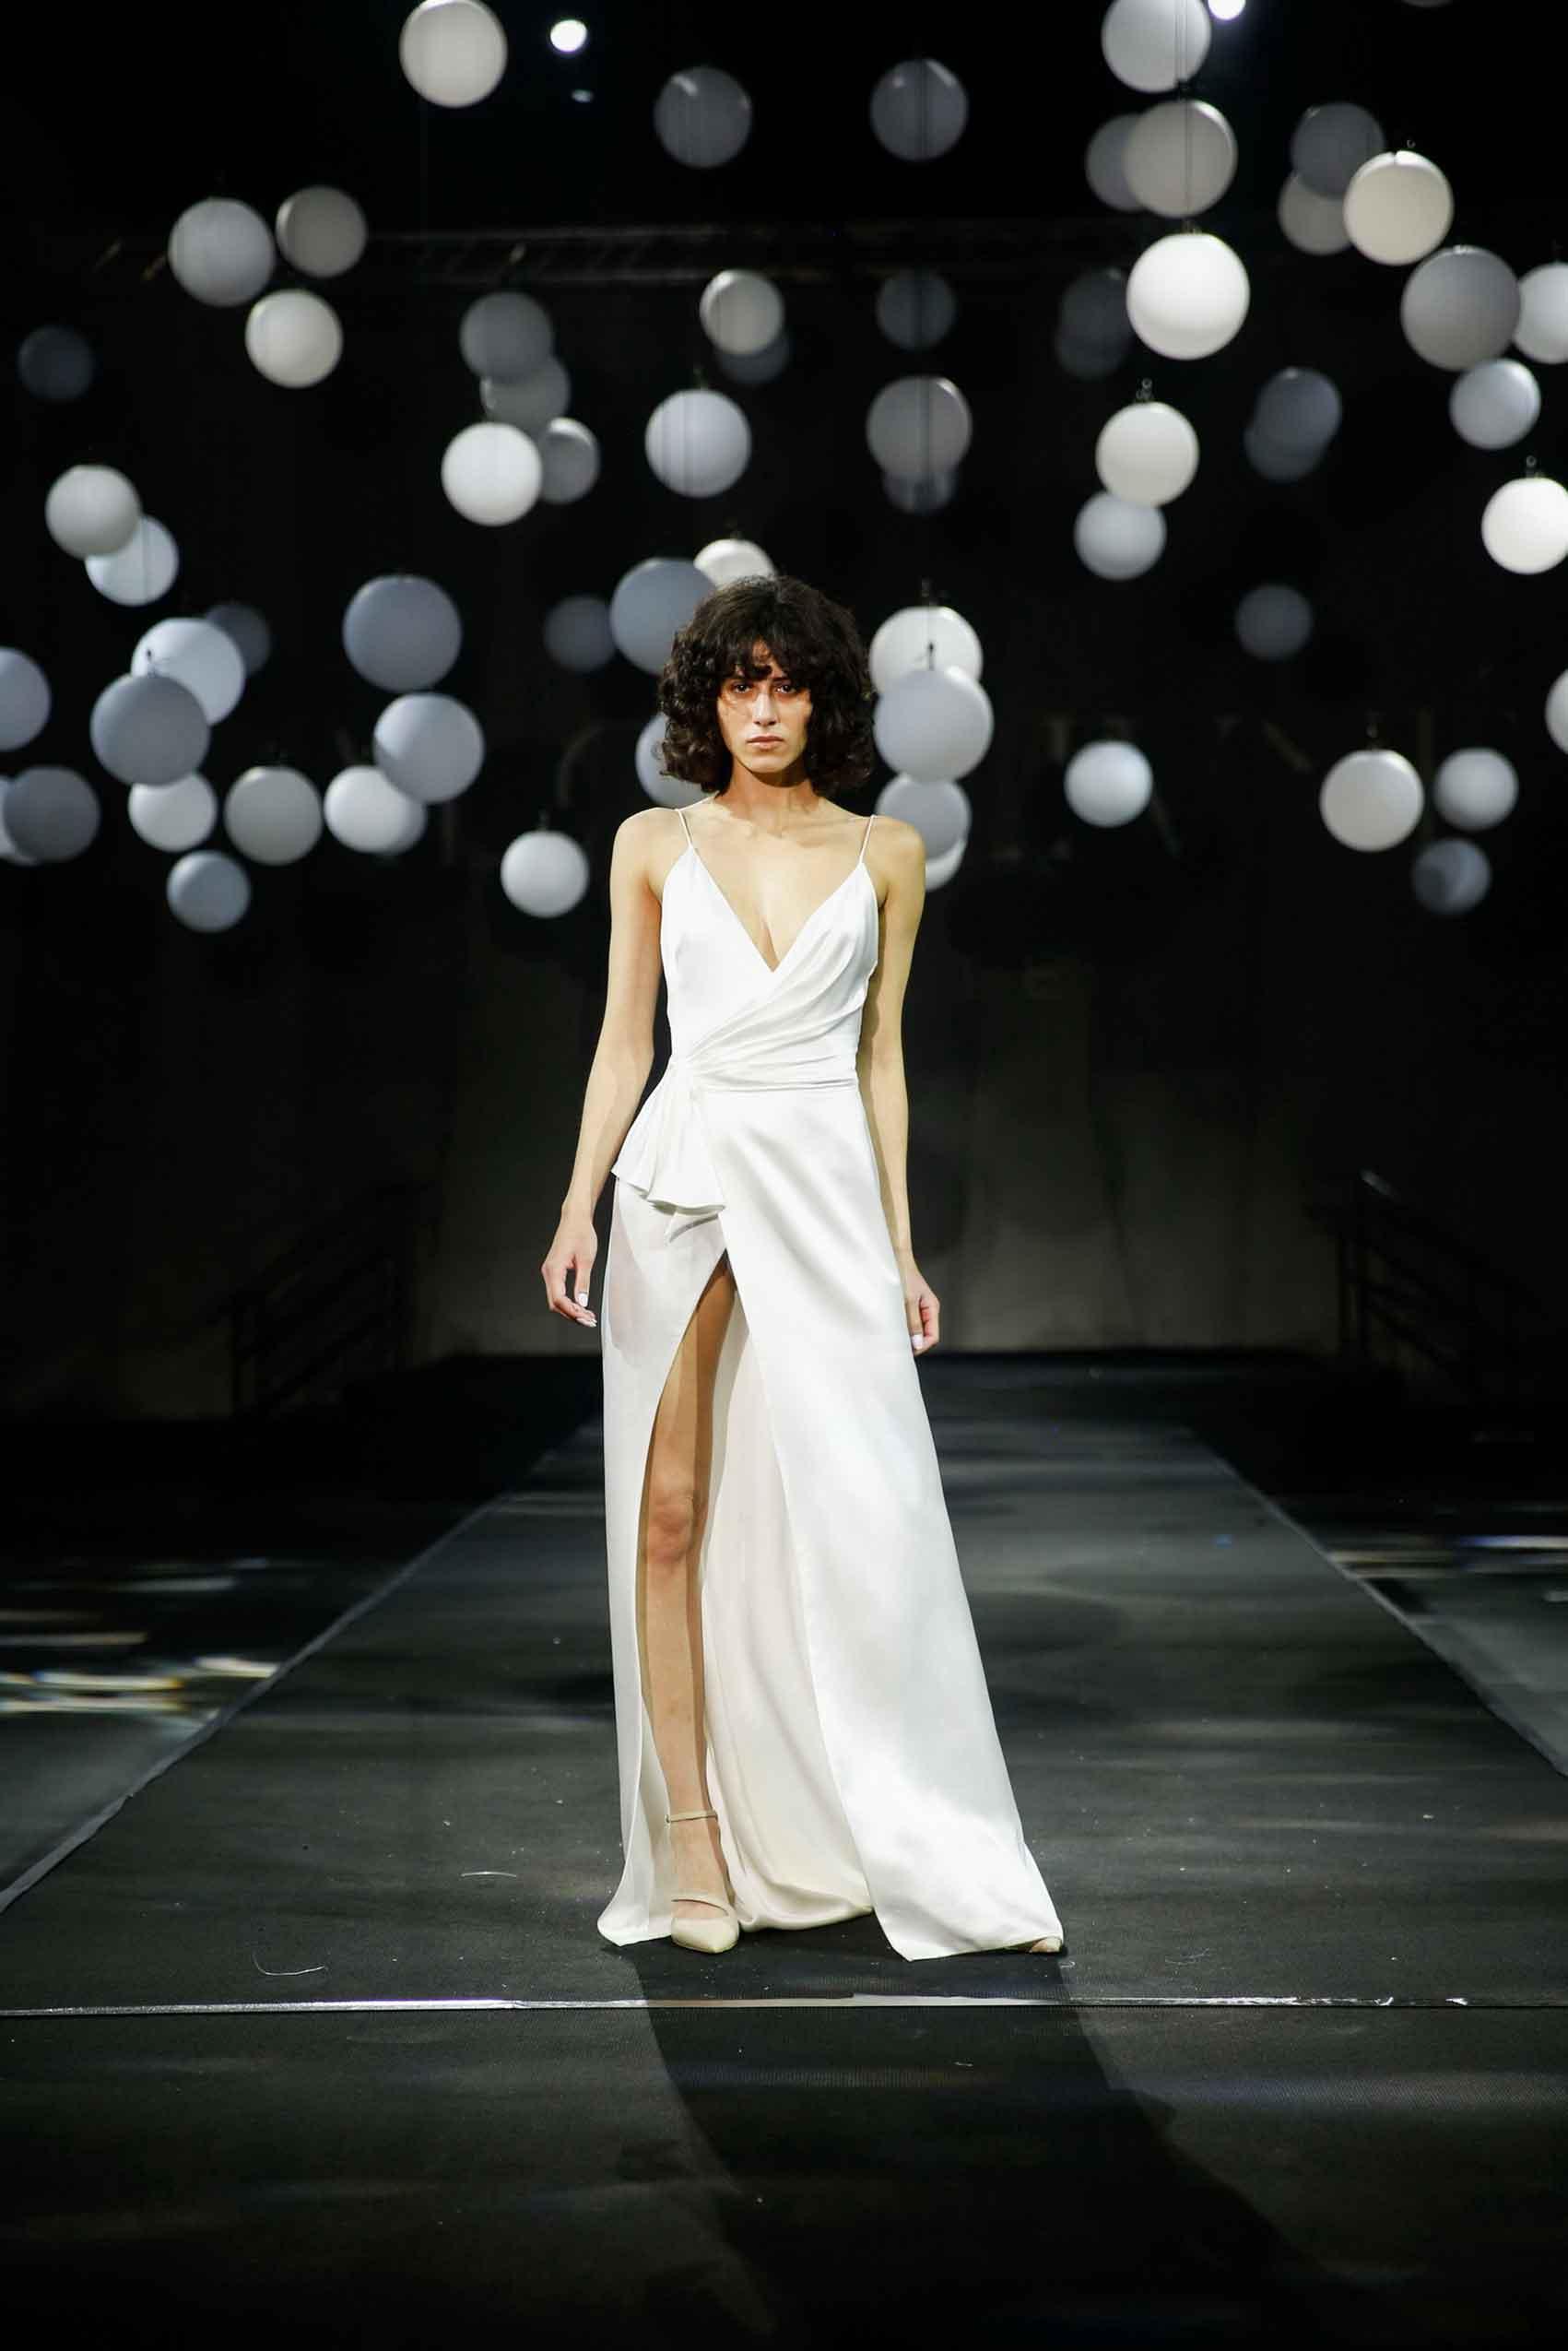 אלון ליבנה. קולקציית שמלות כלה 2020-אופנה נשים - 5  Trends, סטייל, כתבות אופנה, טרנדים, אופנת נשים, Style,, אופנה ישראלית